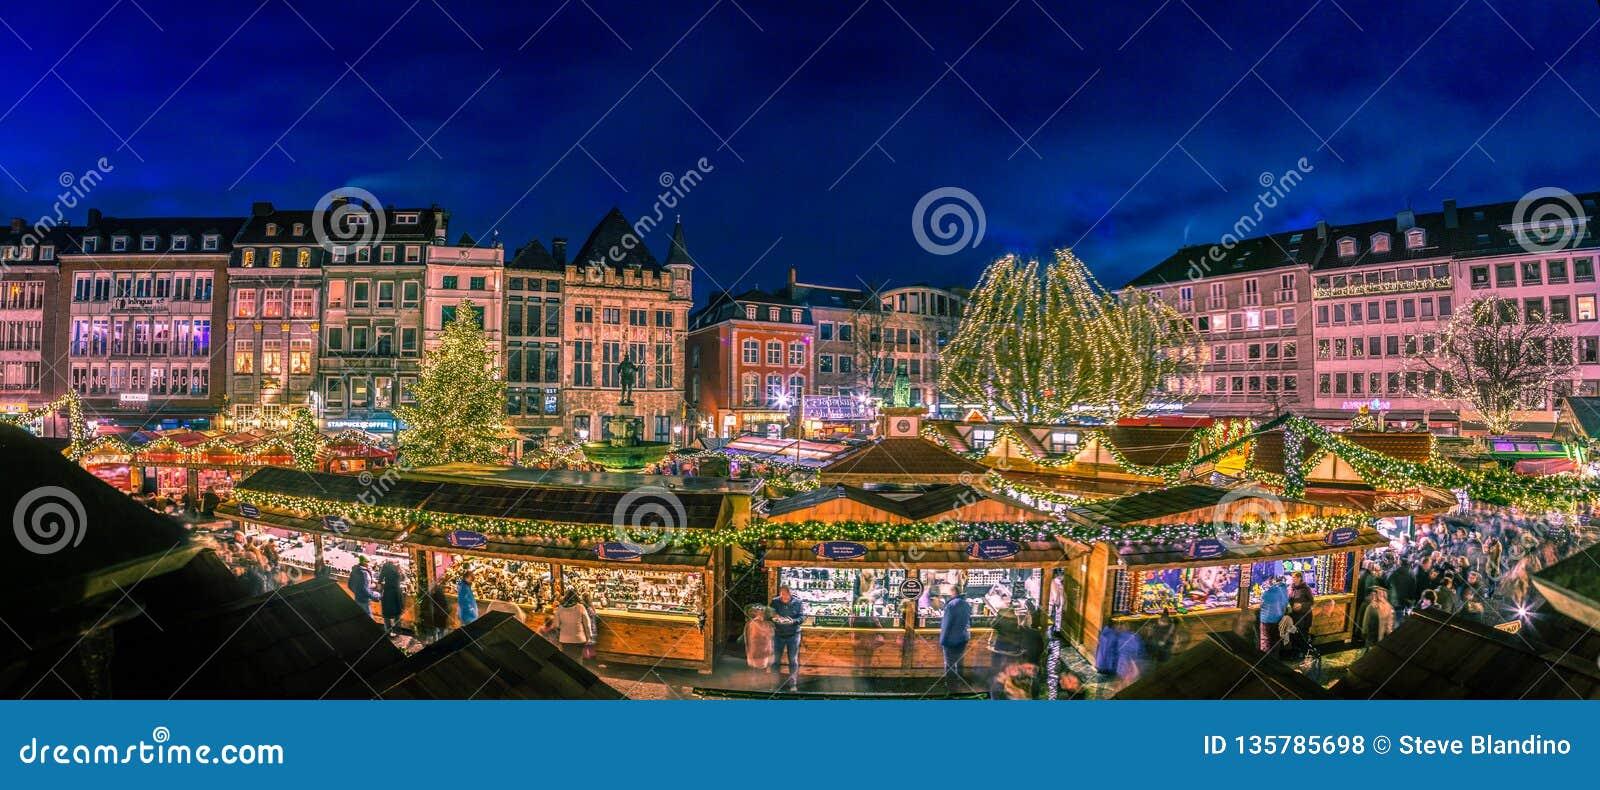 Aachen julby